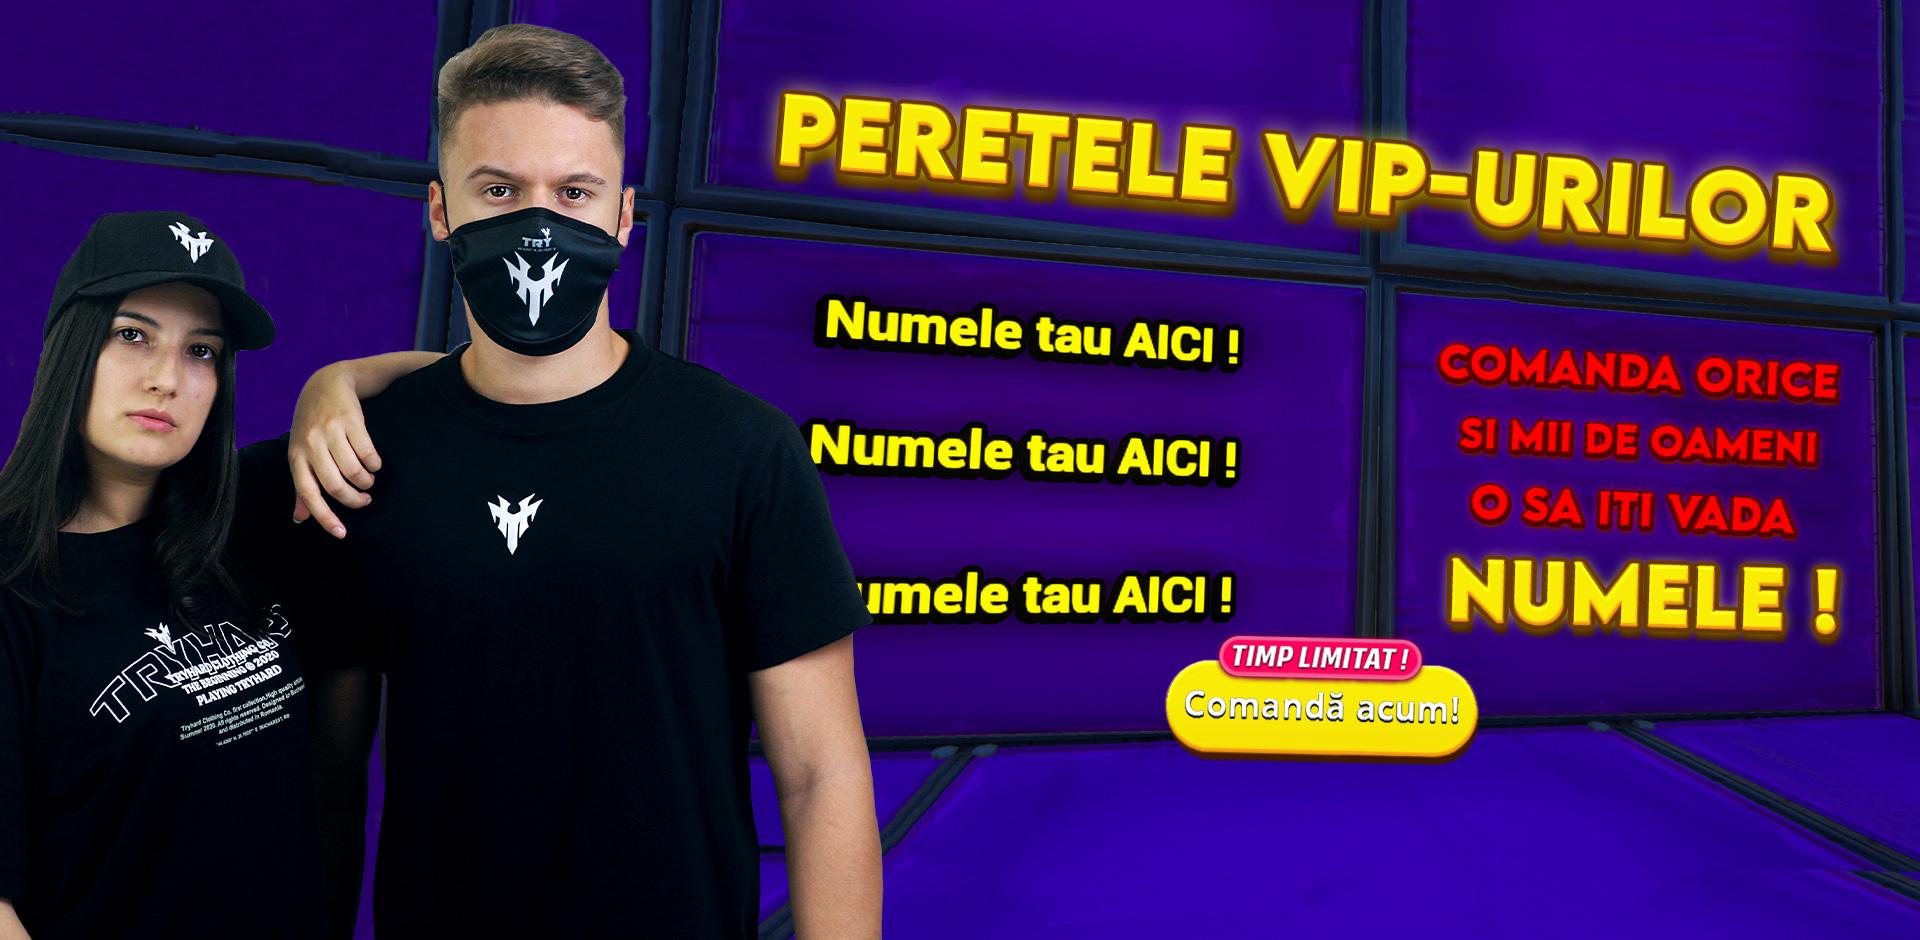 Perete VIP !